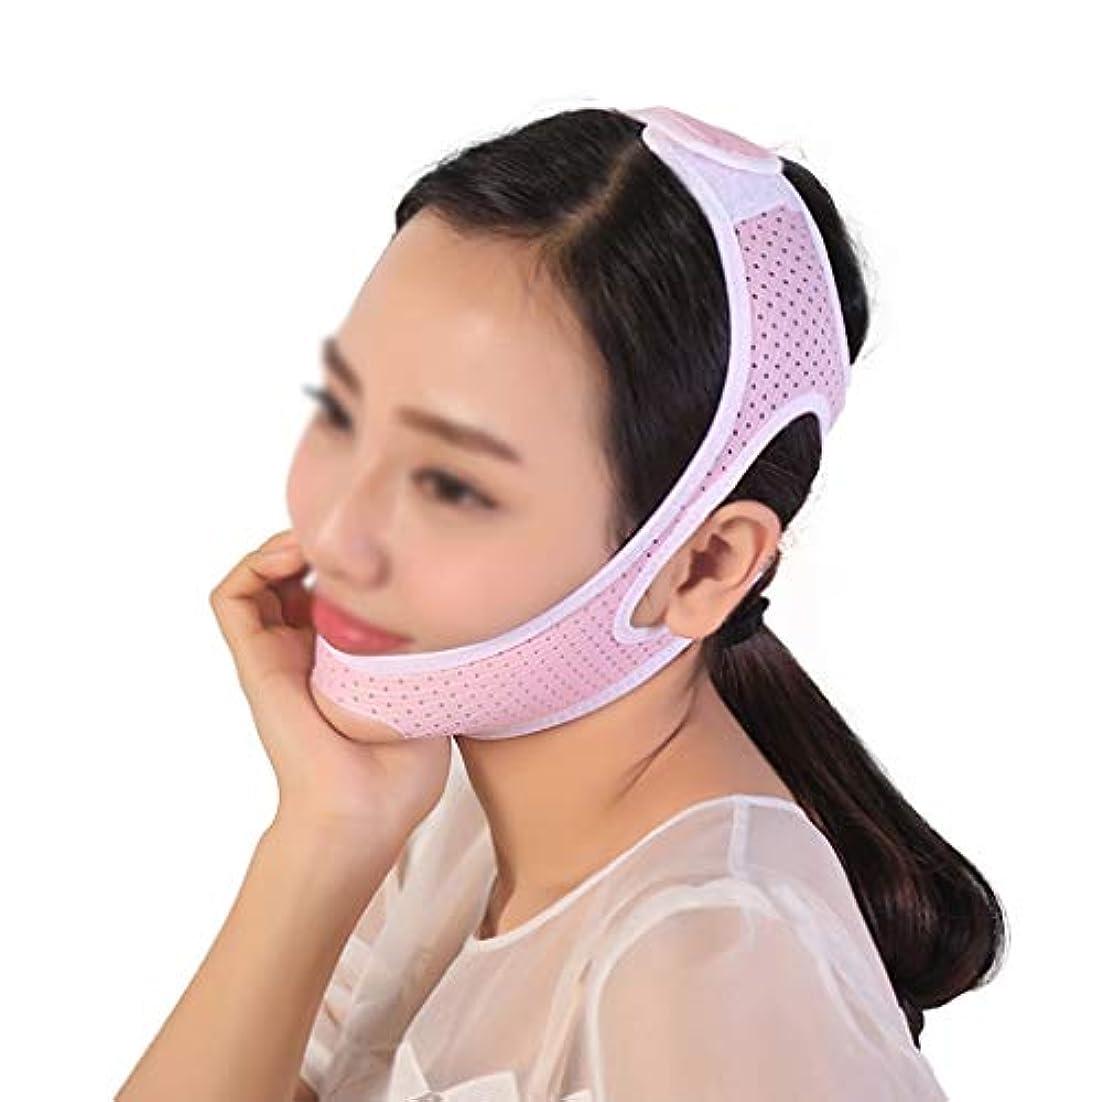 赤ちゃん図書館トライアスリートフェイスリフトマスク、顔の皮膚の首のあごのラインを向上させます、リフトフェイス、シンチークマスク、シンチンチークシンV(ピンク) (Size : L)